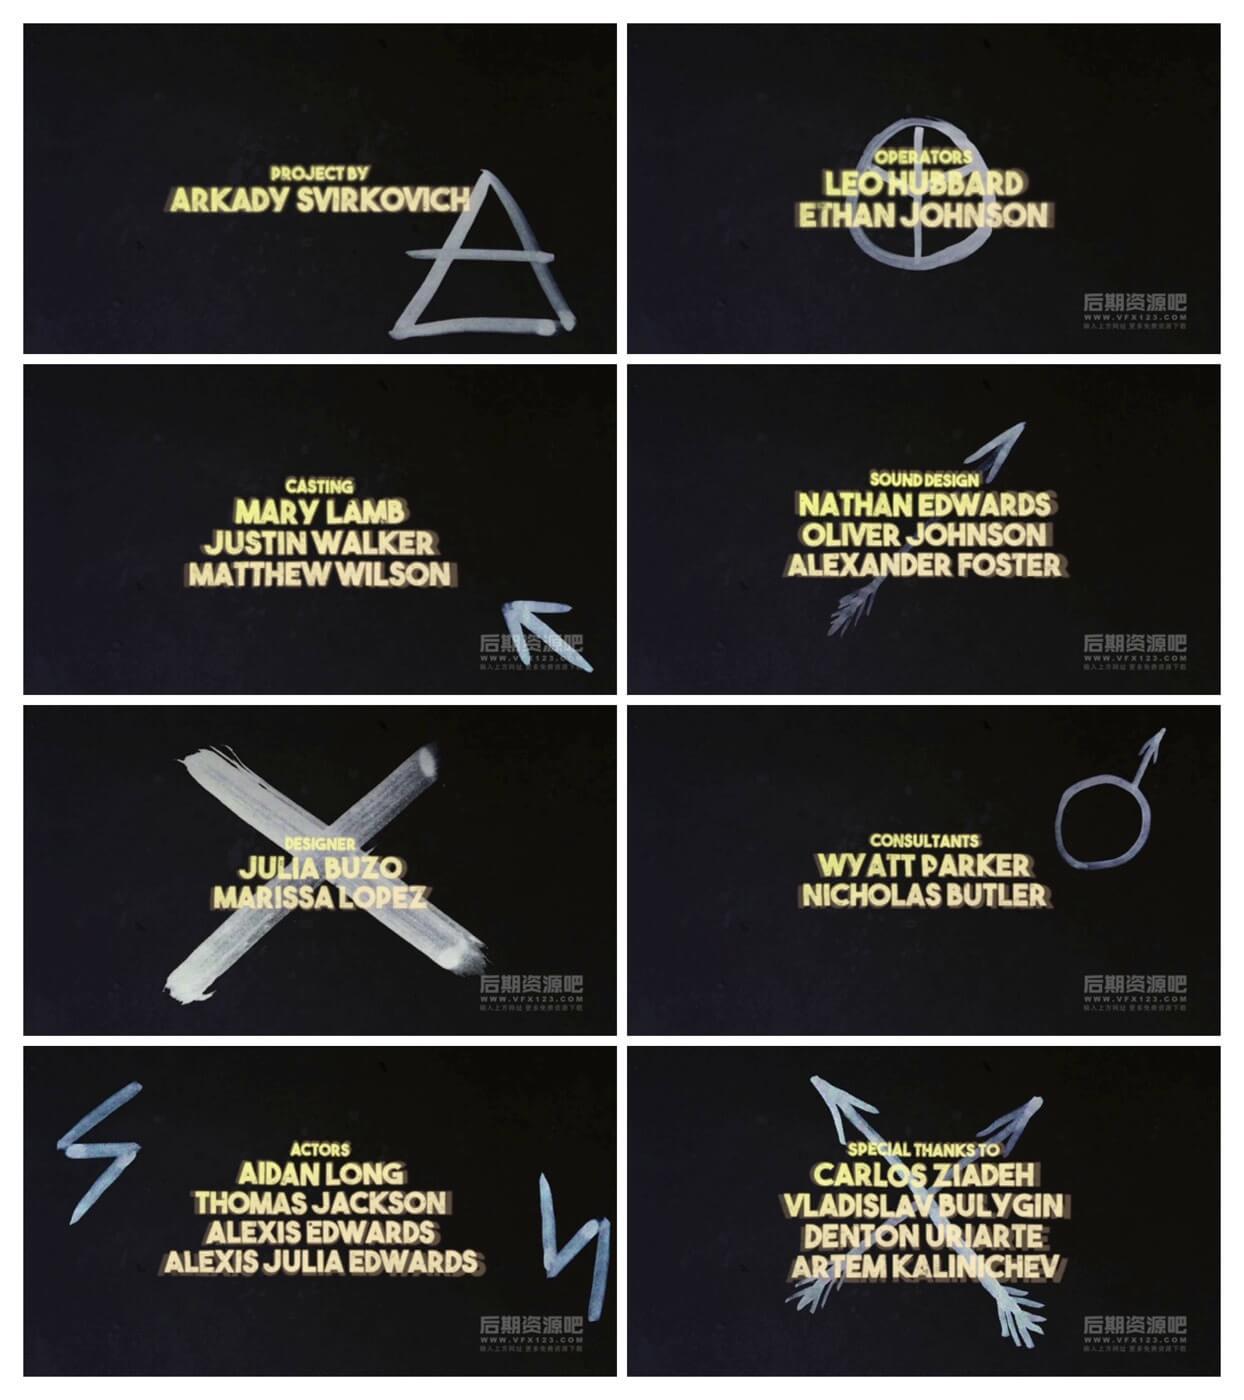 fcpx插件 复古故障干扰效果风格电影片尾创作者名单模板 Grunge Credits